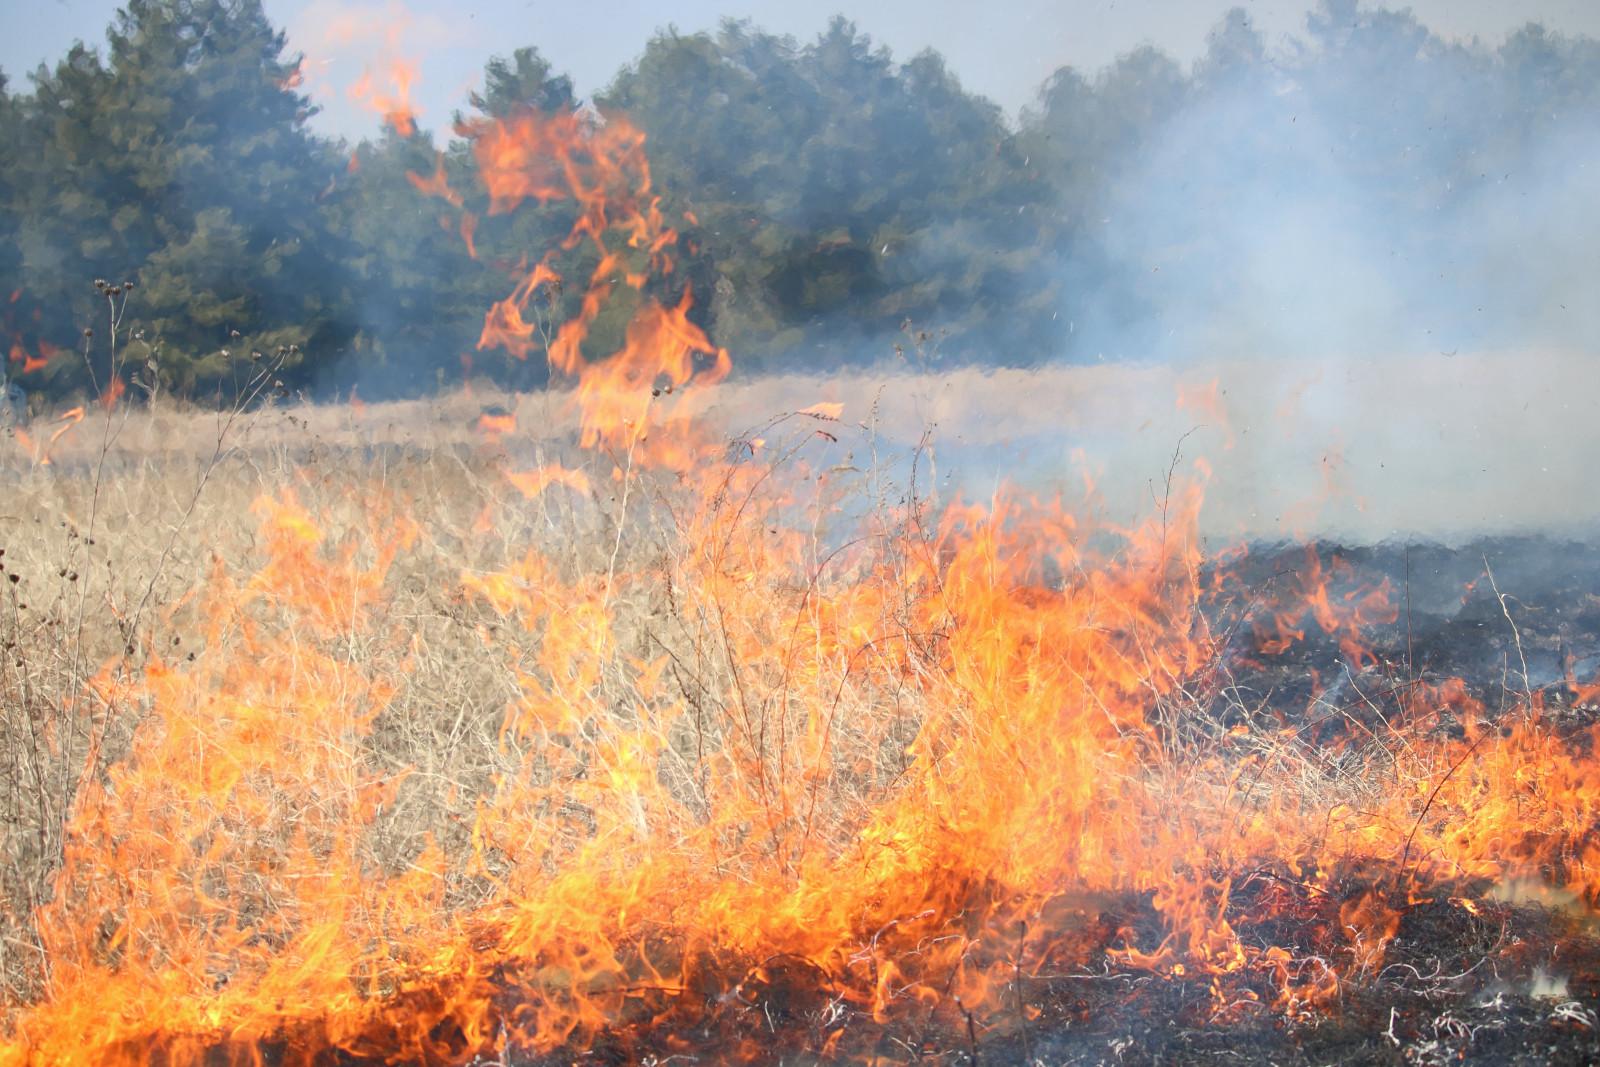 Муниципалитеты усилят противодействие выжиганию сухой растительности